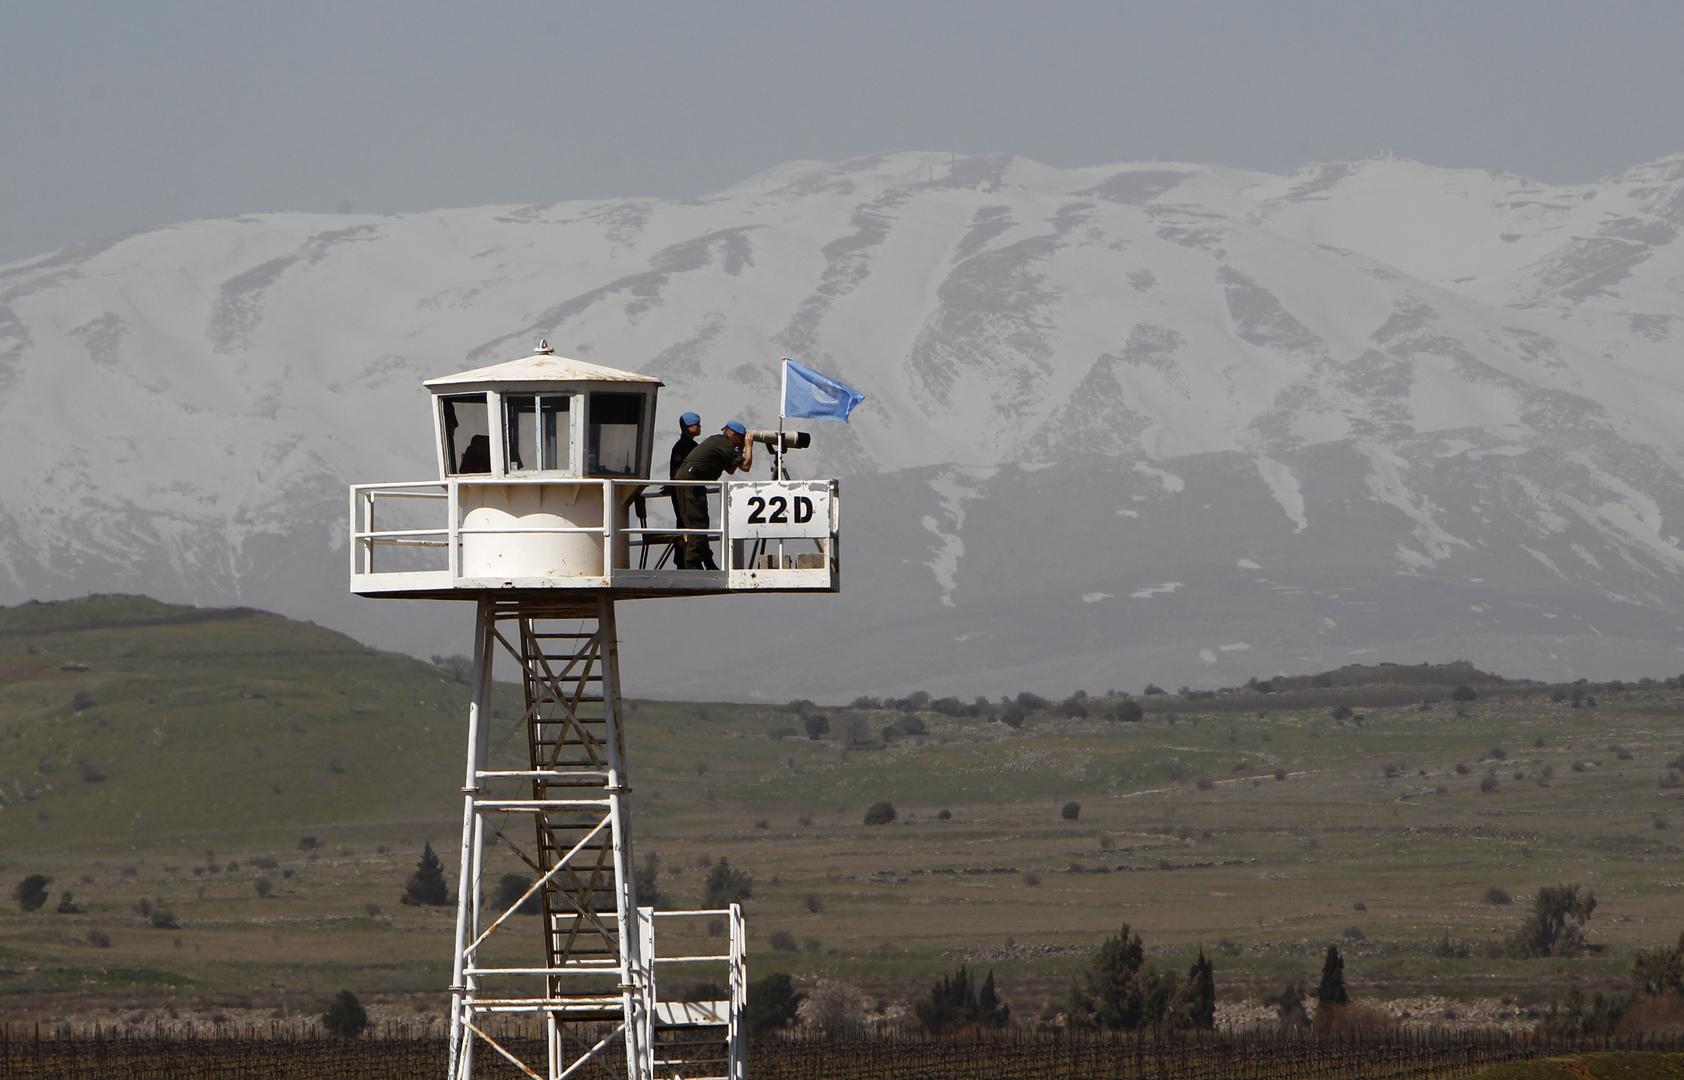 نقطة مراقبة تابعة للأمم المتحدة في الجولان